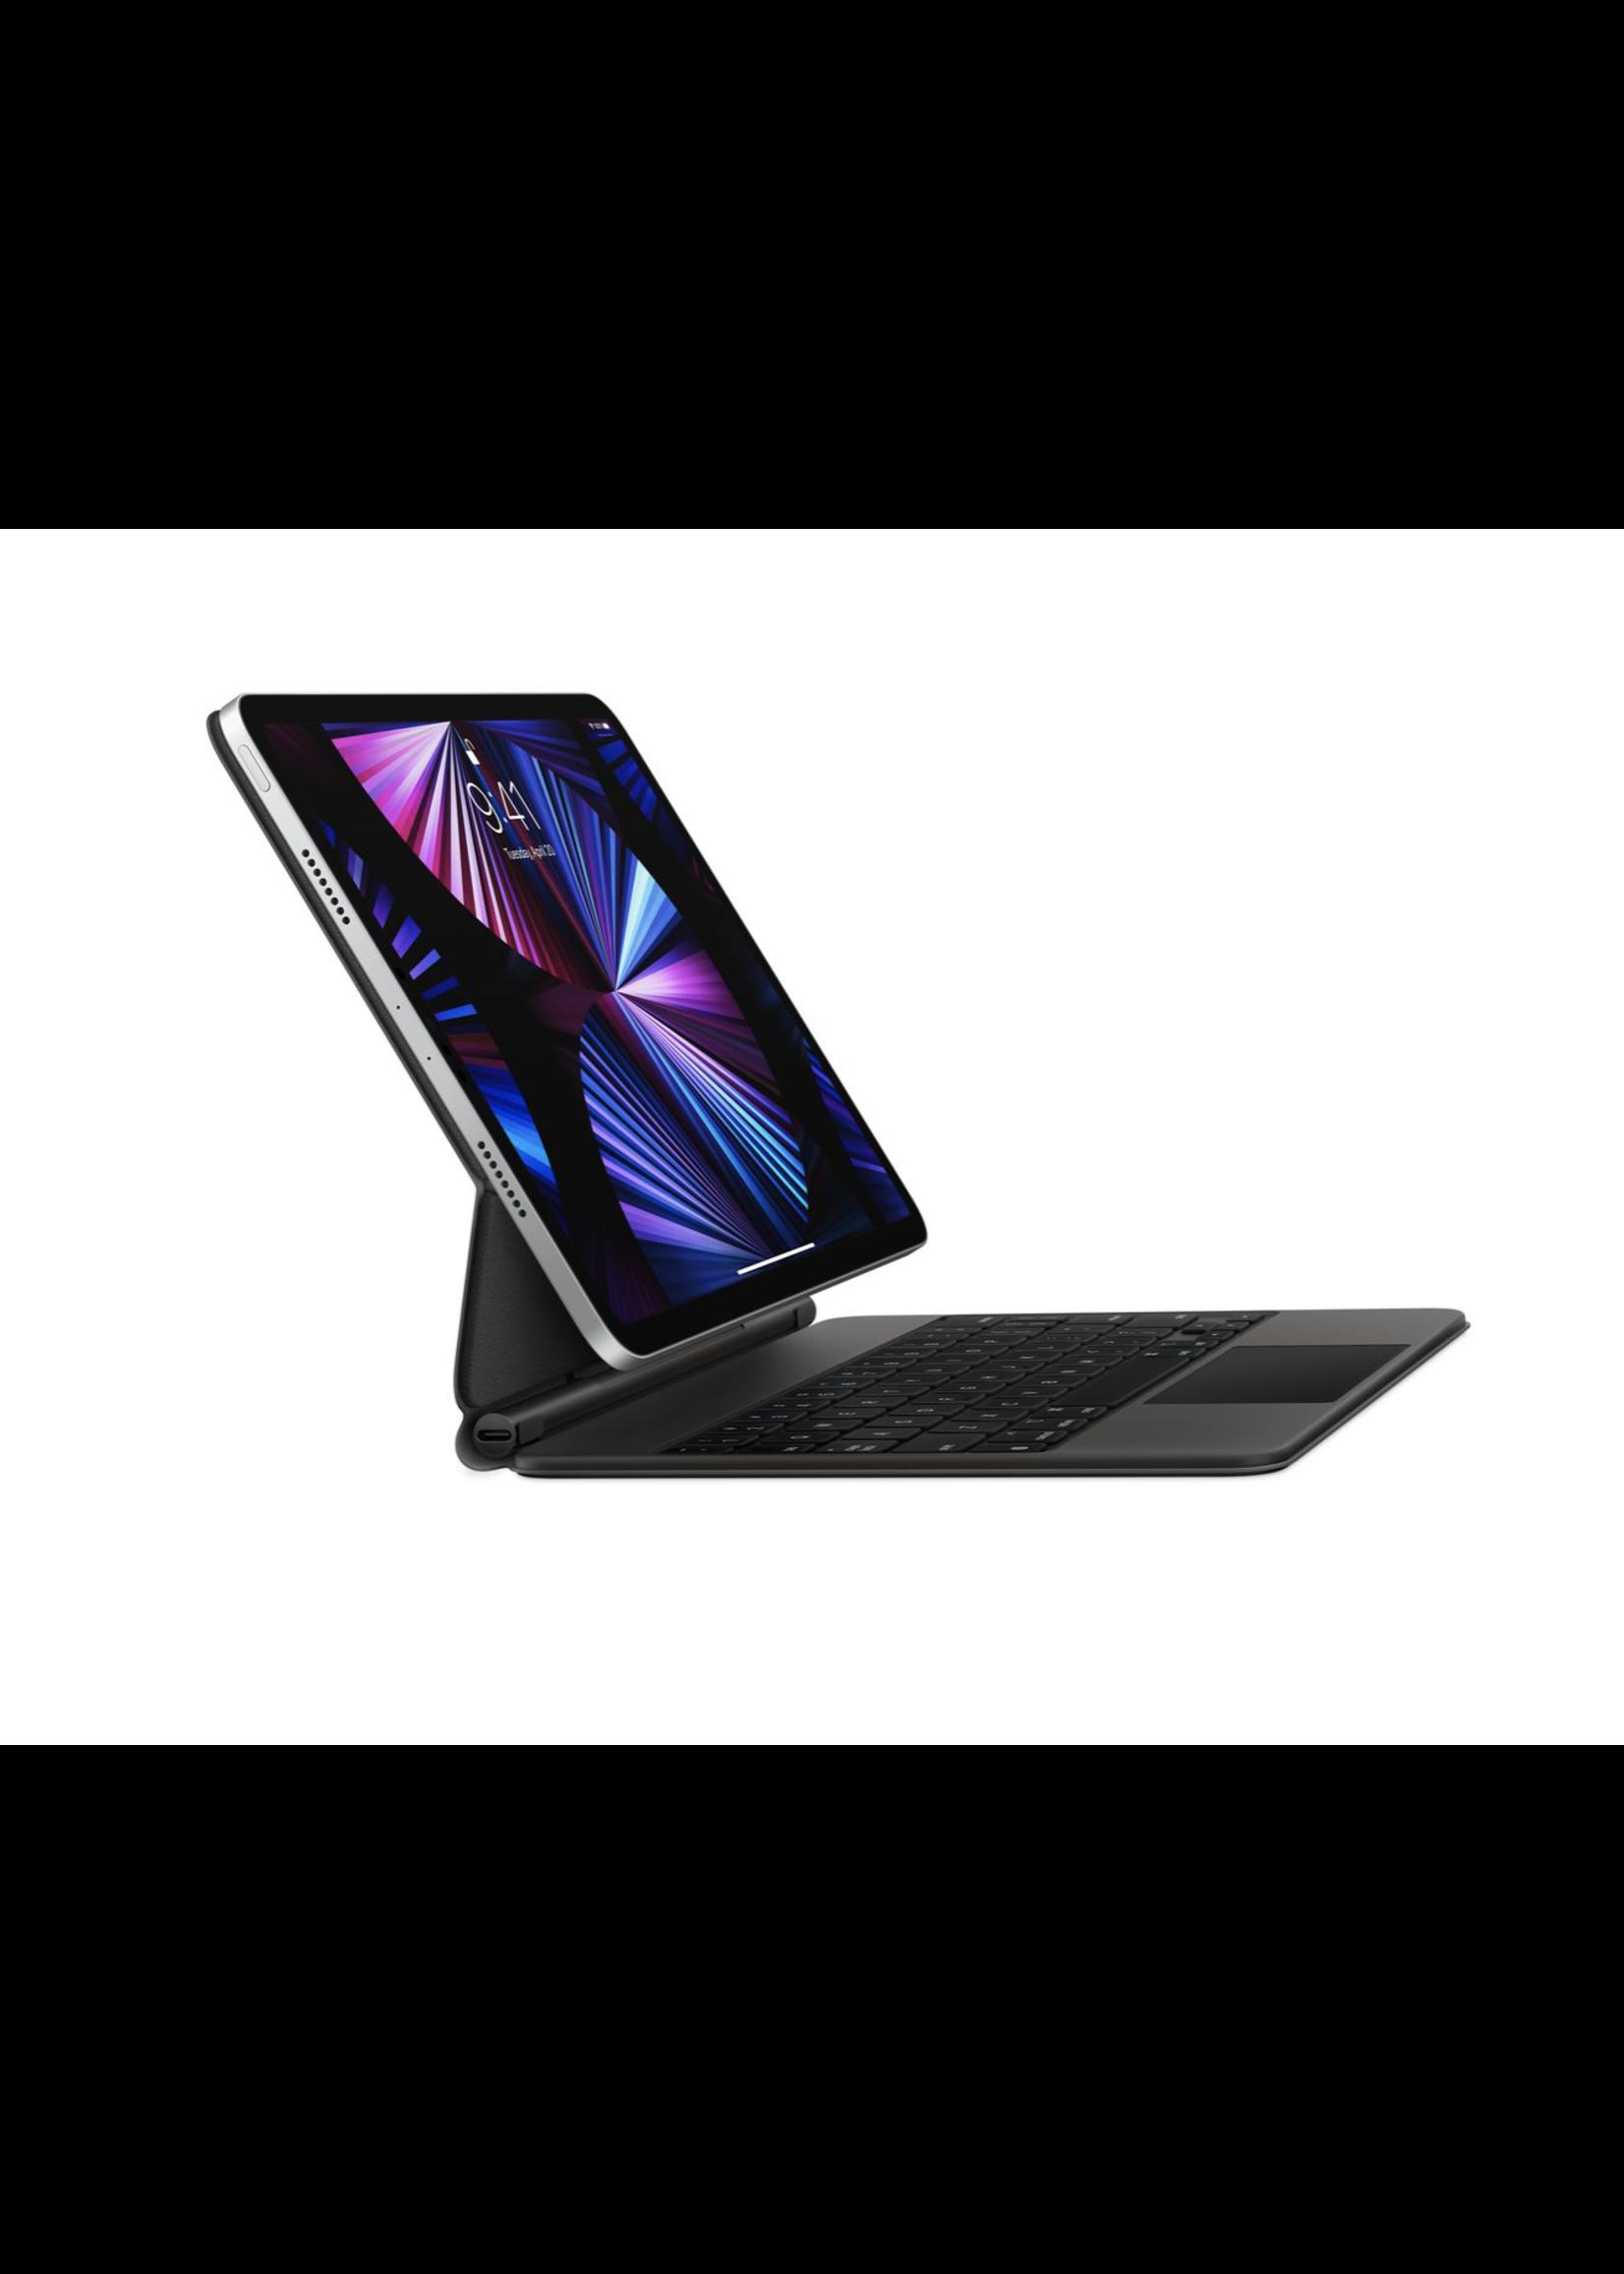 Apple iPad Pro 11-inch and iPad Air Magic Keyboard